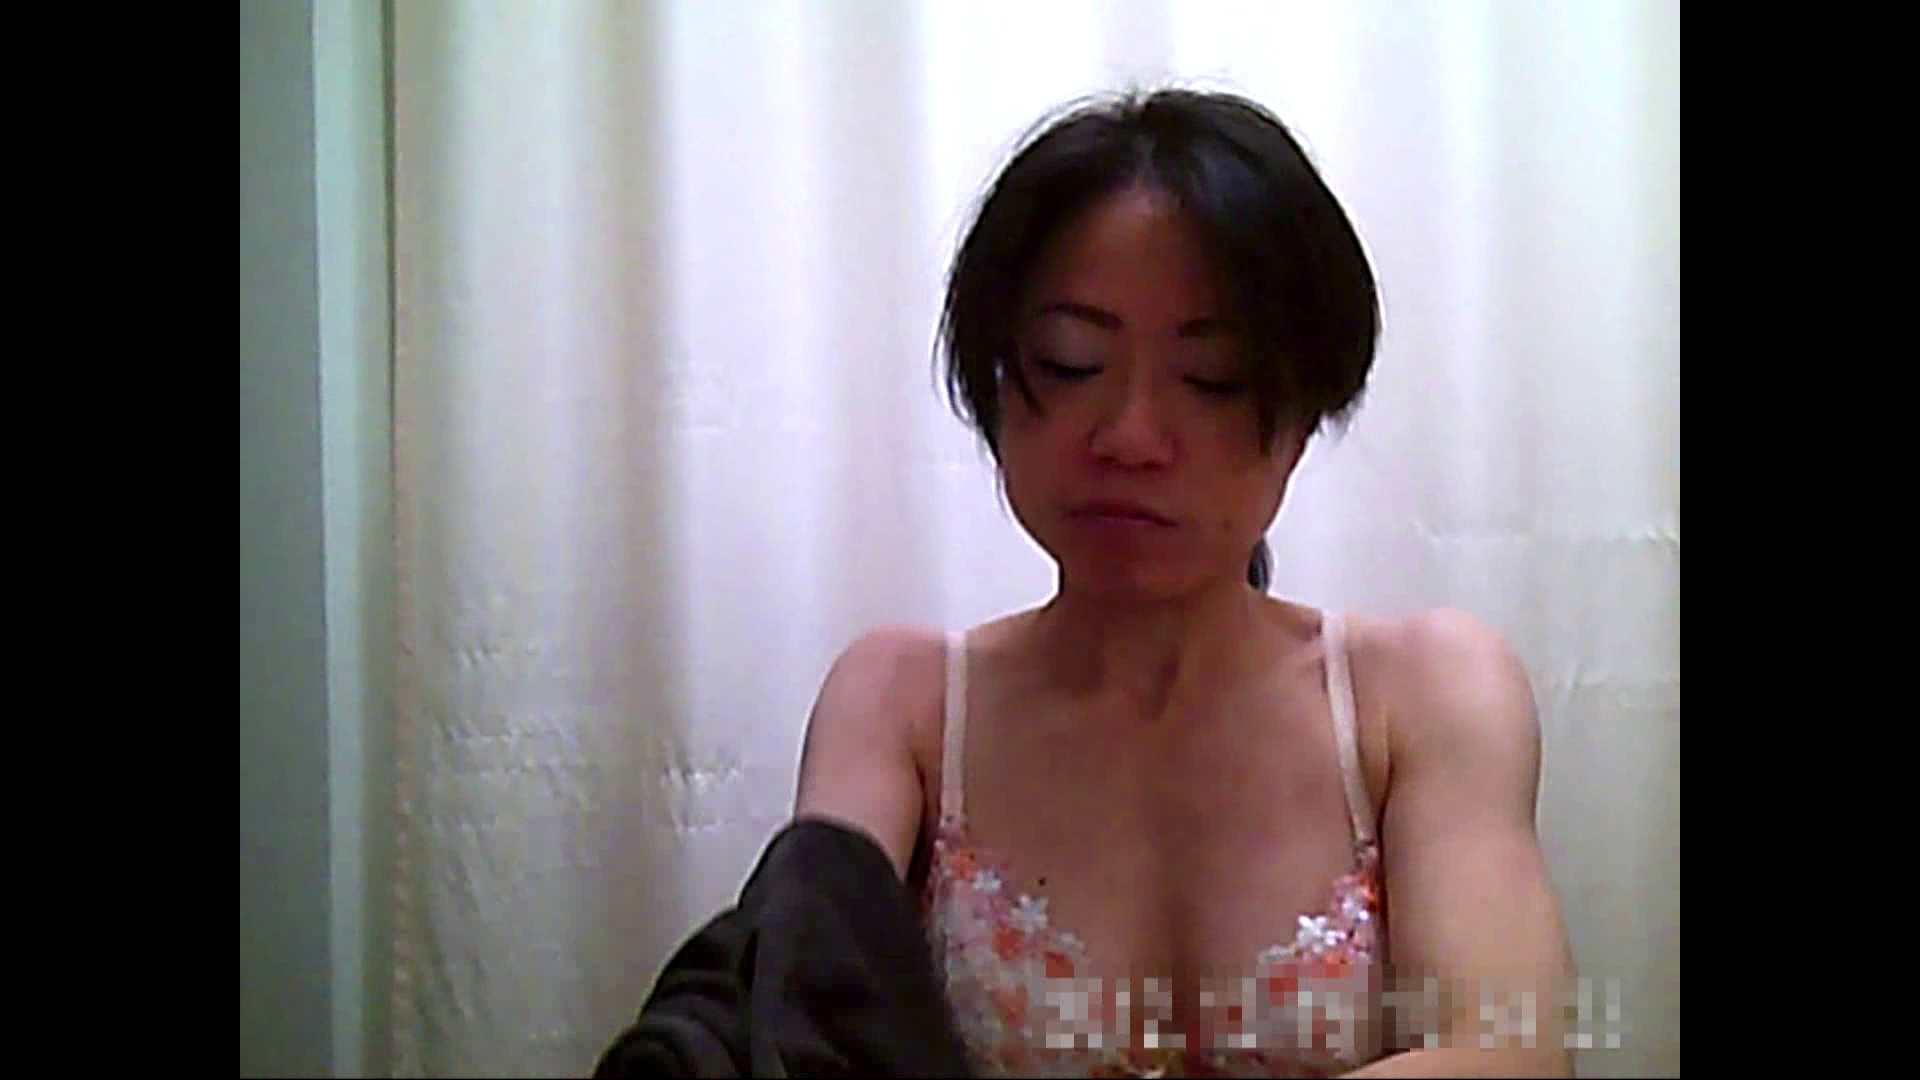 元医者による反抗 更衣室地獄絵巻 vol.117 OL  102pic 2